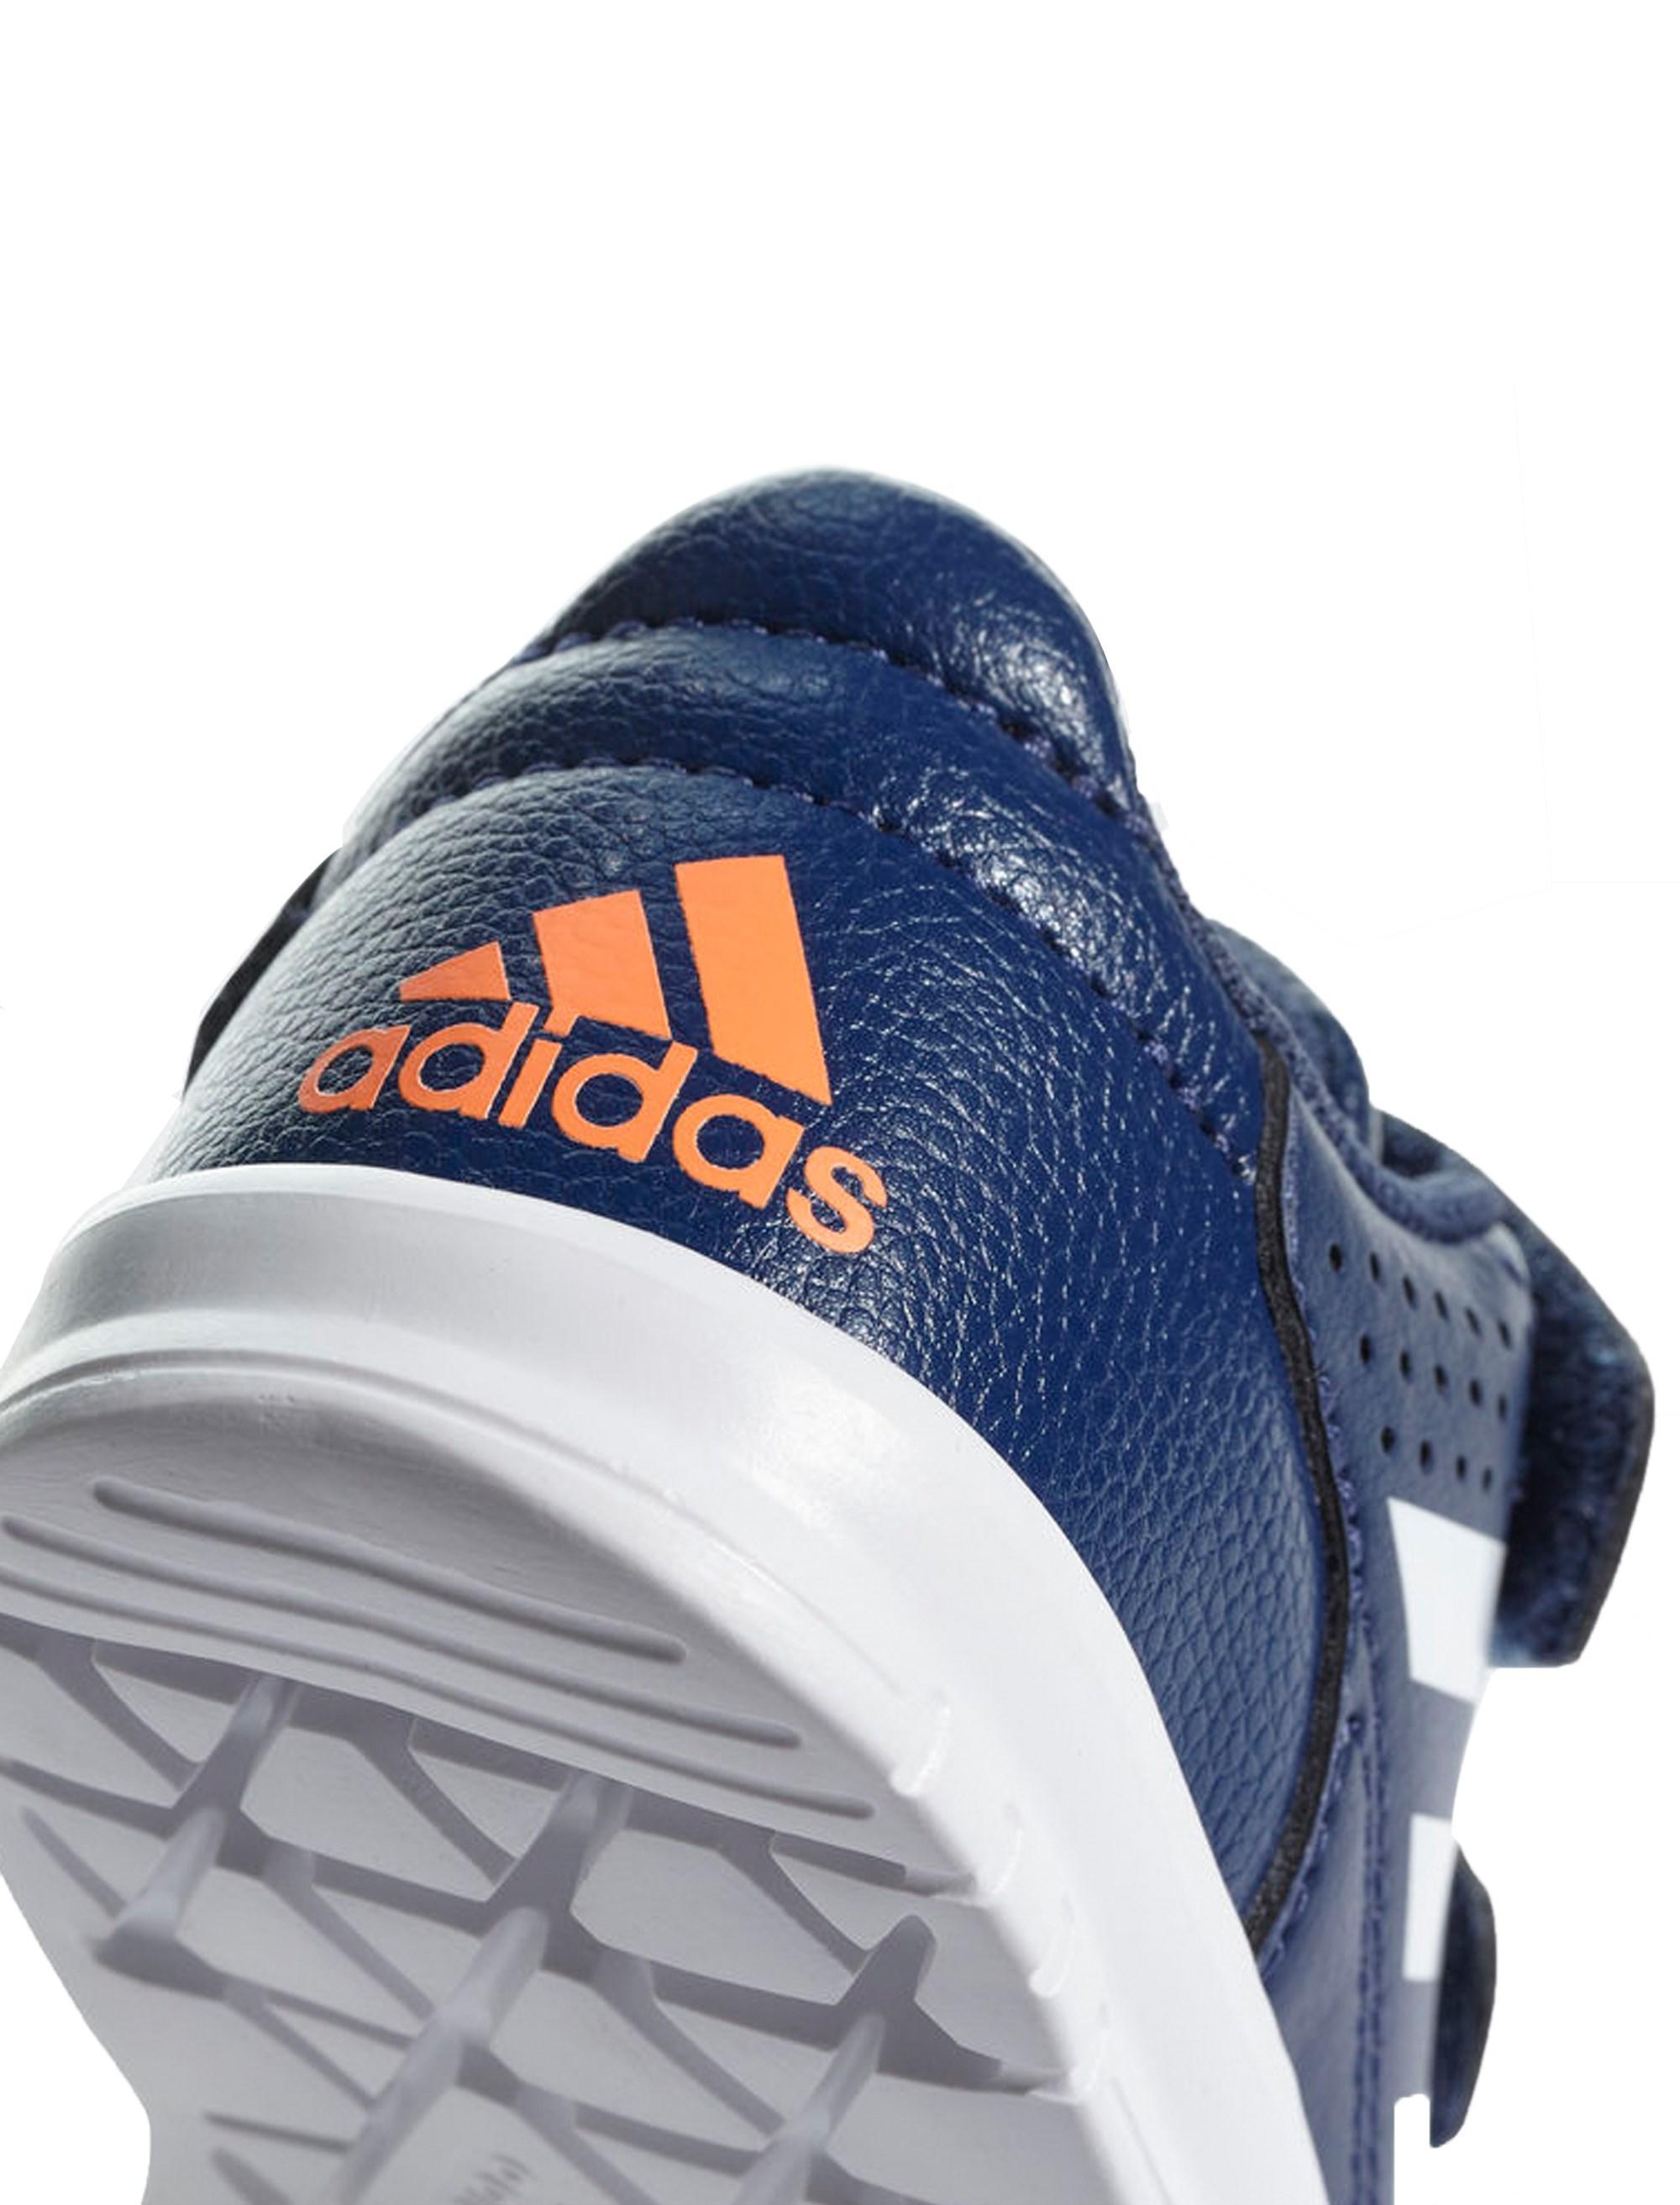 کفش تمرین چسبی پسرانه AltaSport - سرمهاي - 5